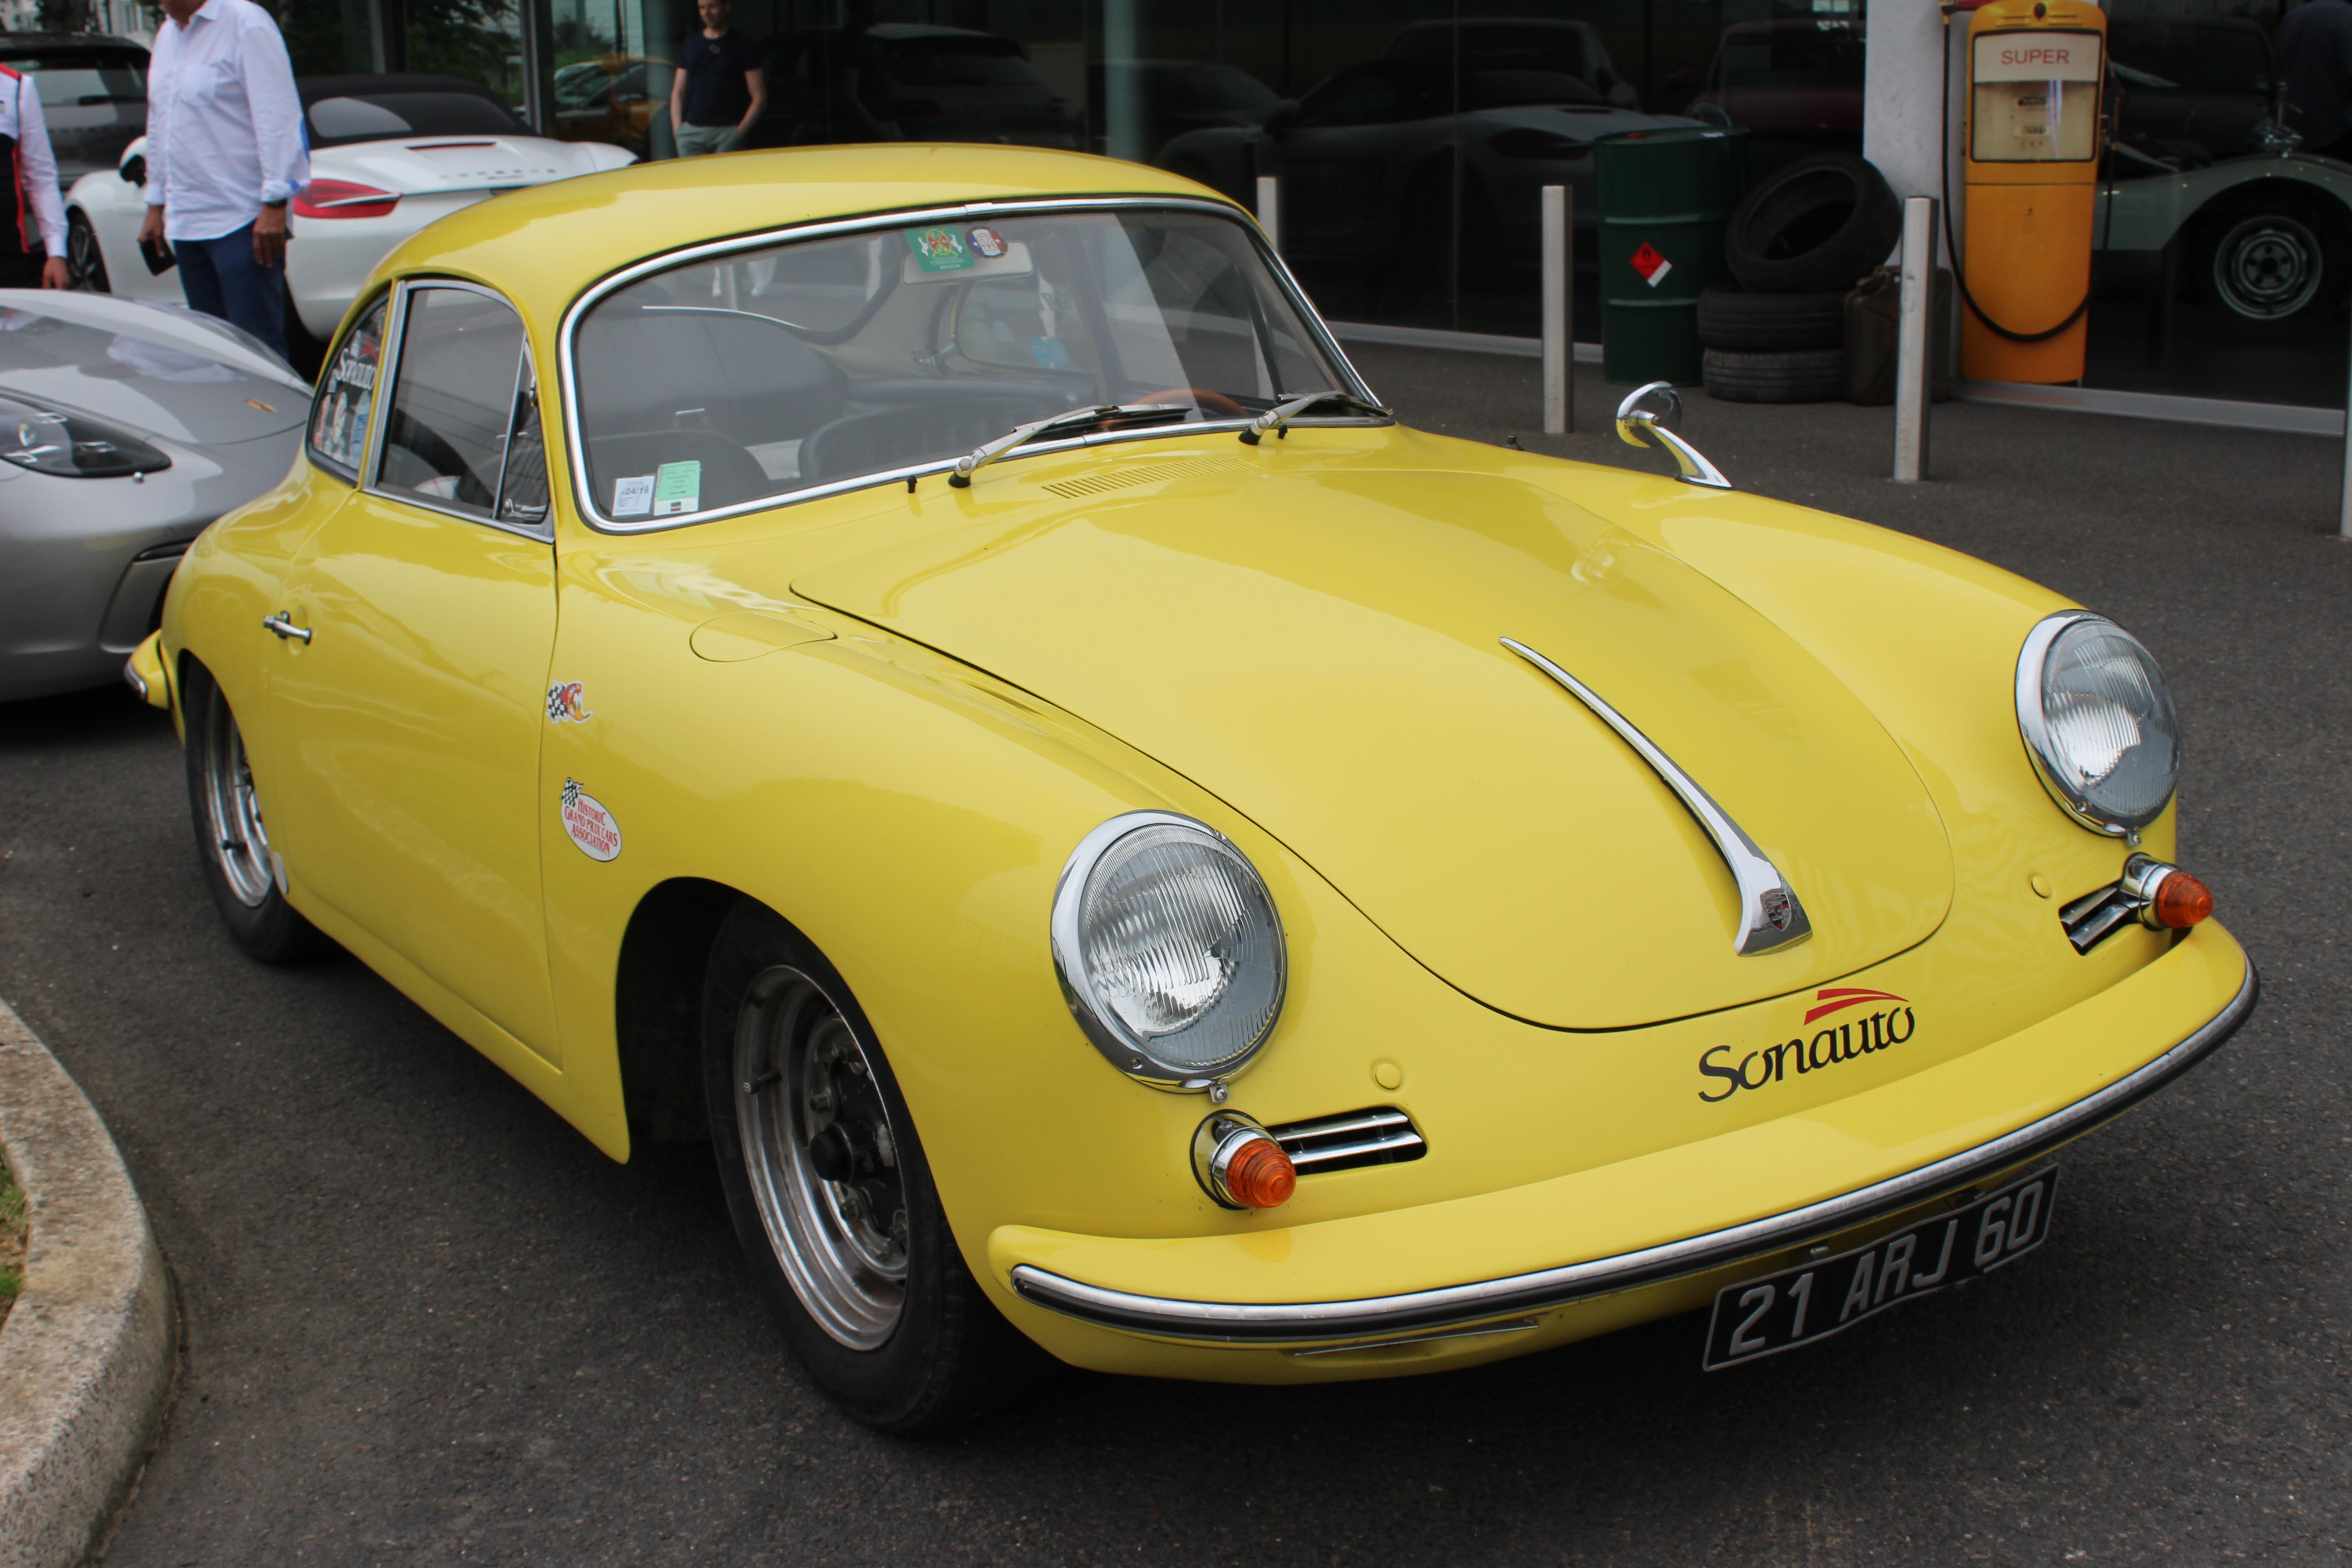 70 Ans Centre Porsche ROISSY Sonauto Img_6657